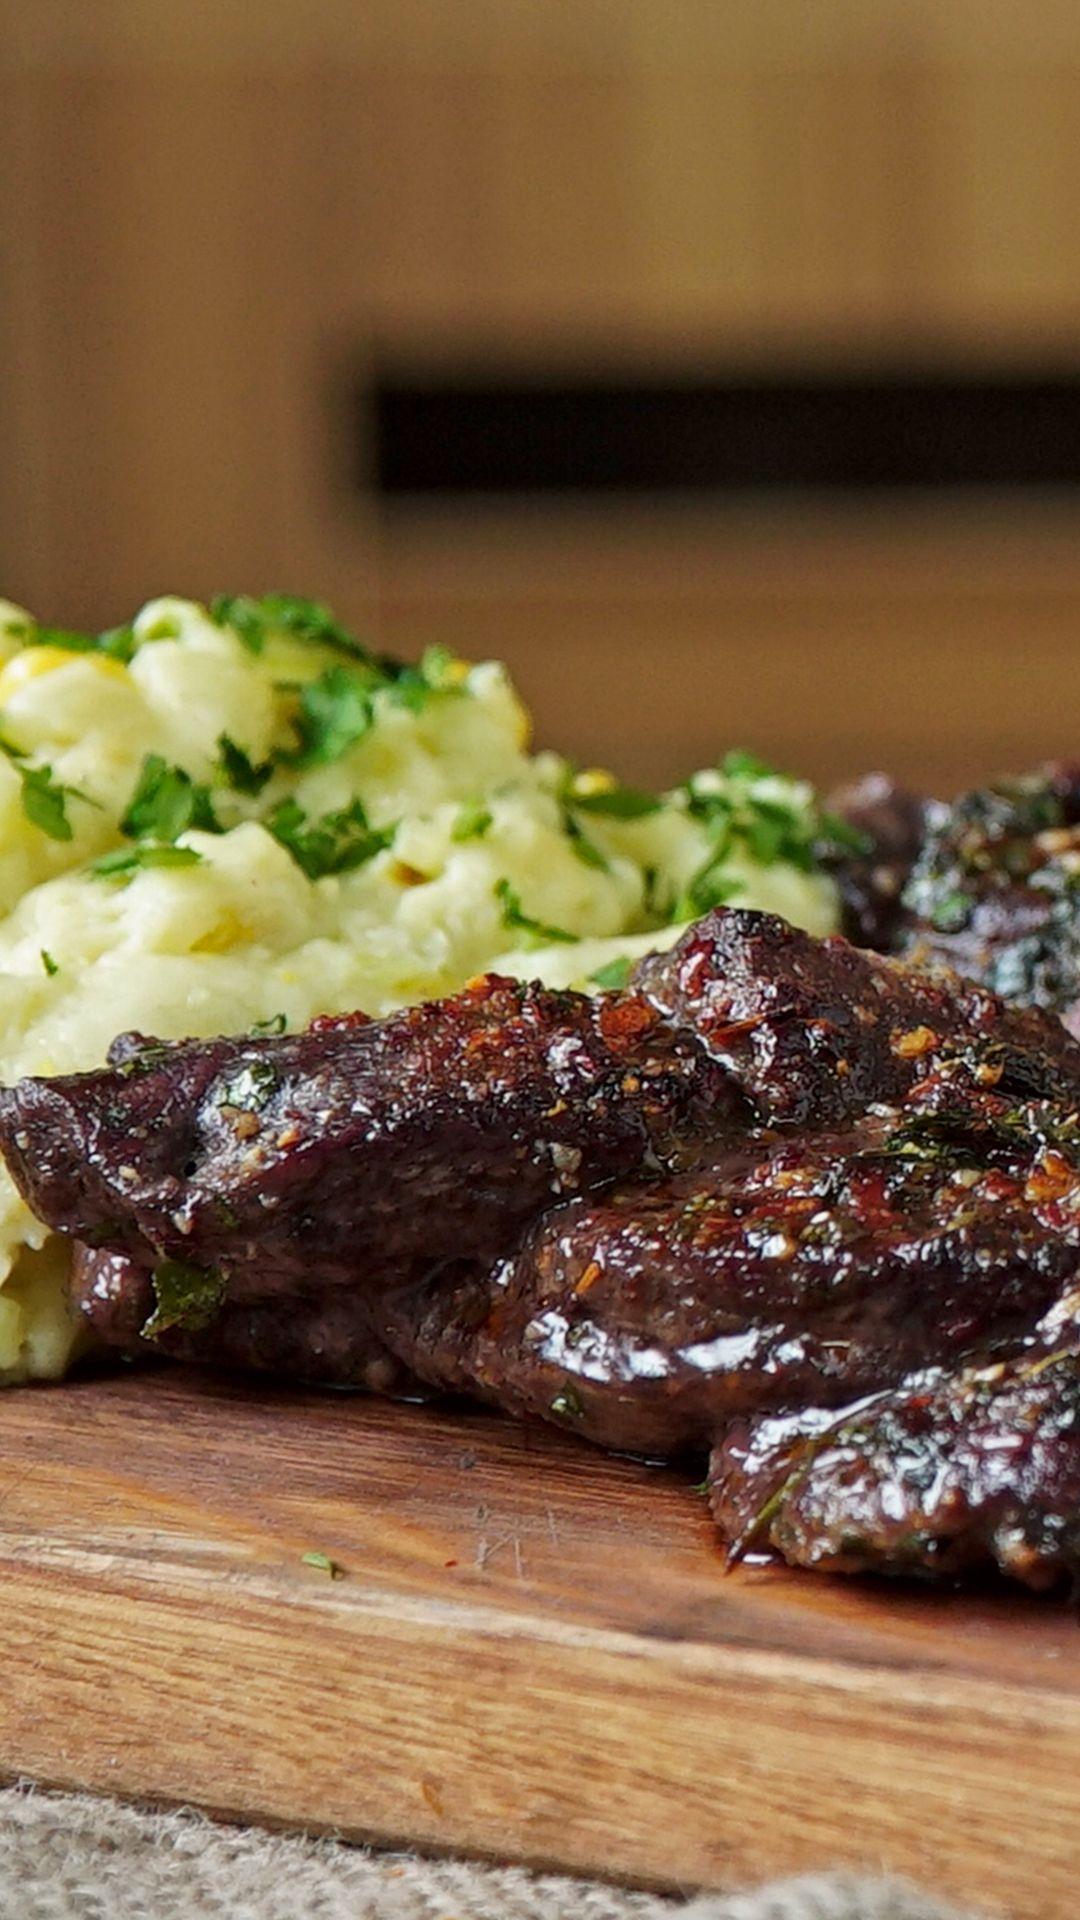 Braided Skirt Steak images